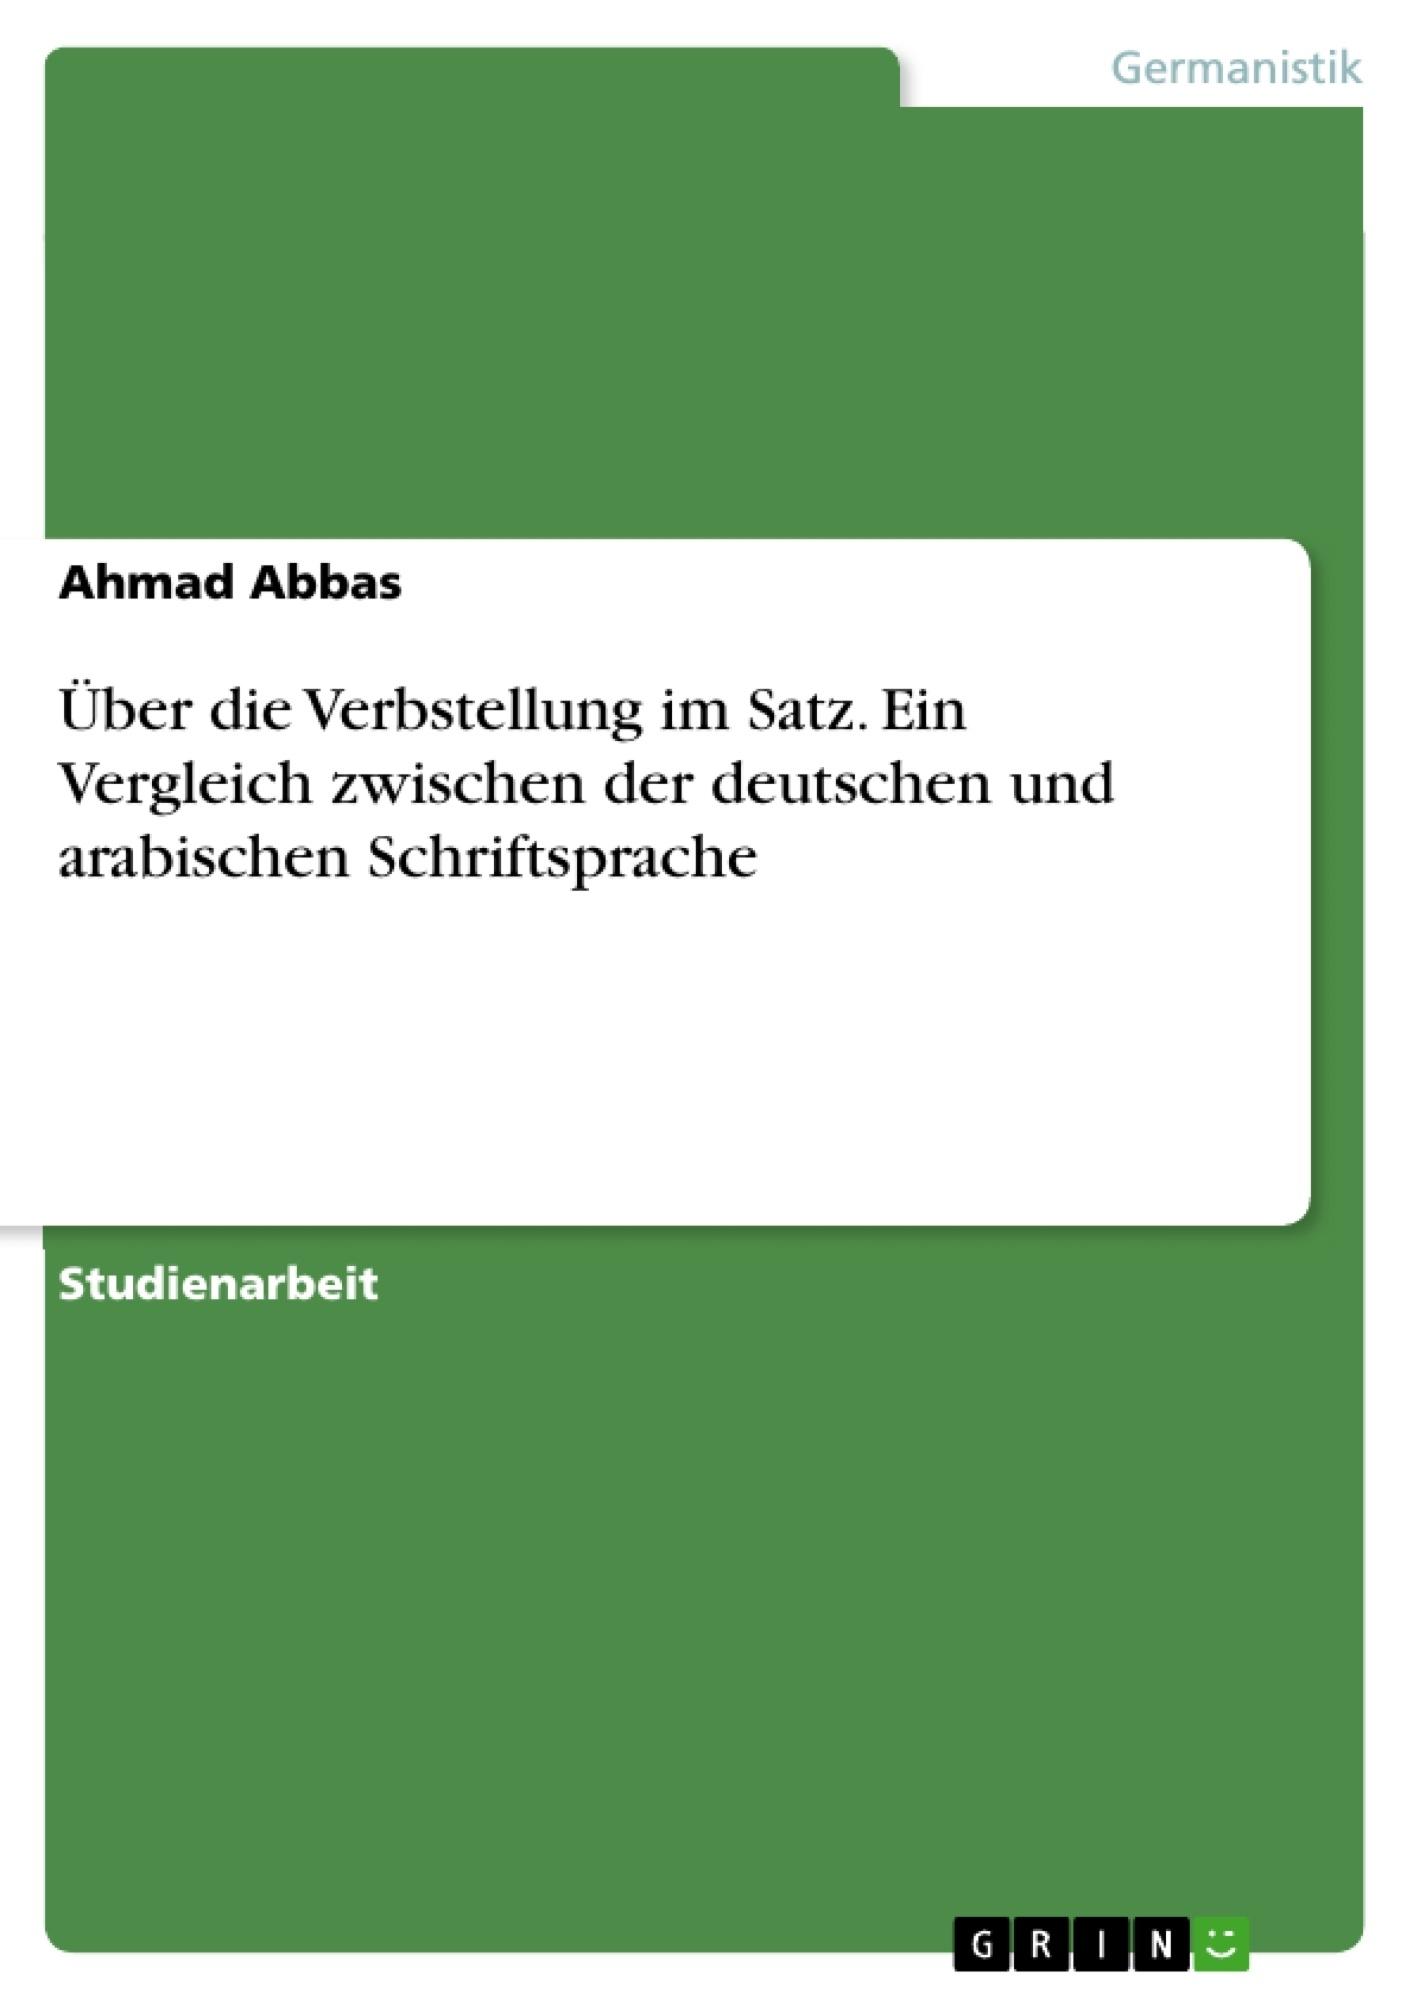 Titel: Über die Verbstellung im Satz. Ein Vergleich zwischen der deutschen und arabischen Schriftsprache